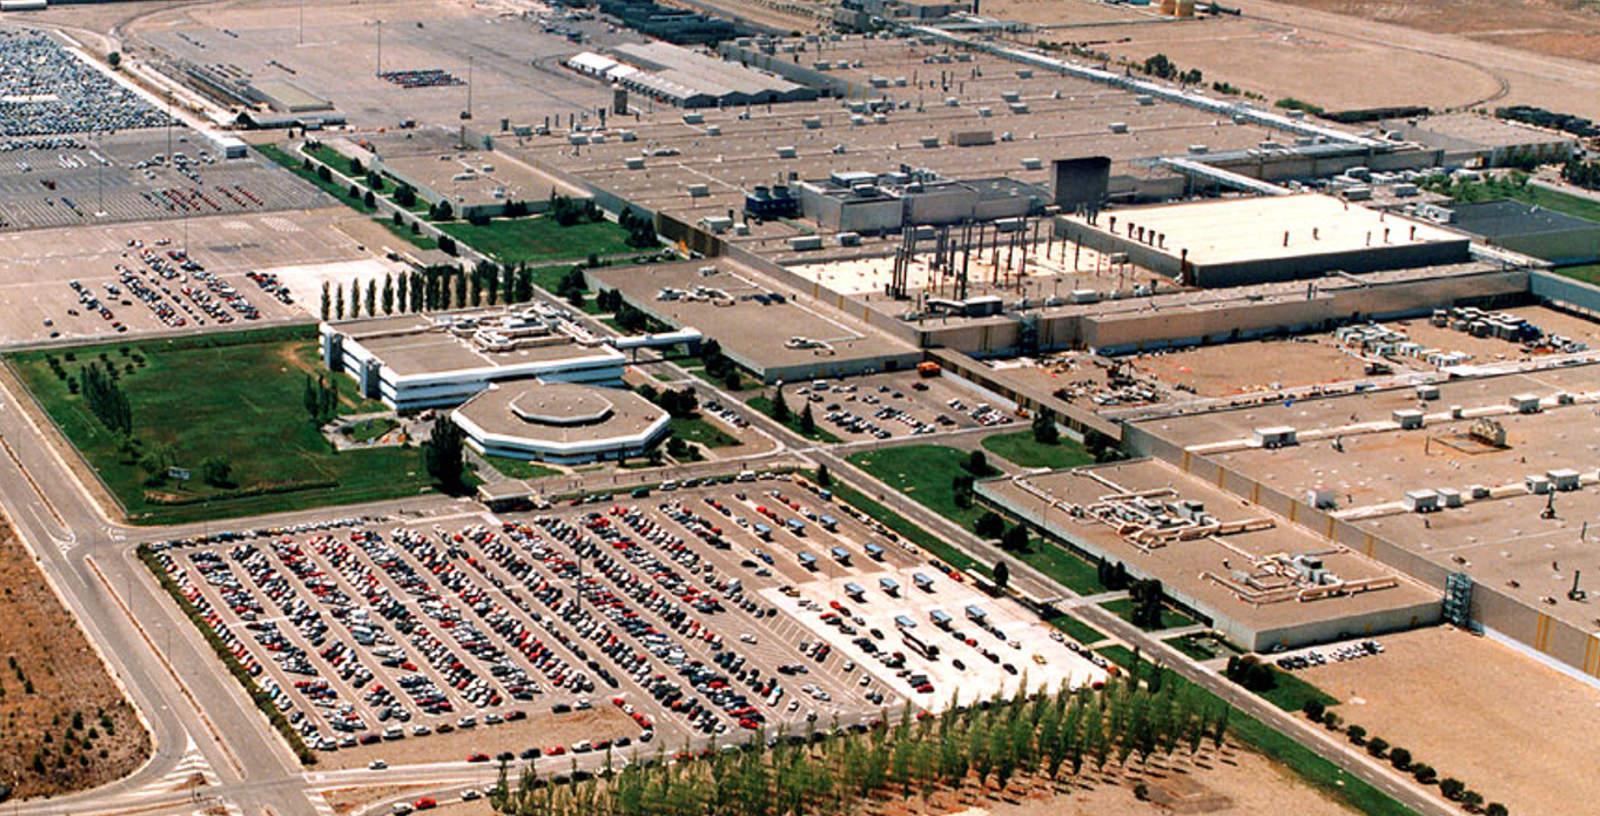 Automotive_Plant_PSA-OPEL_Zaragoza_IDOM_02